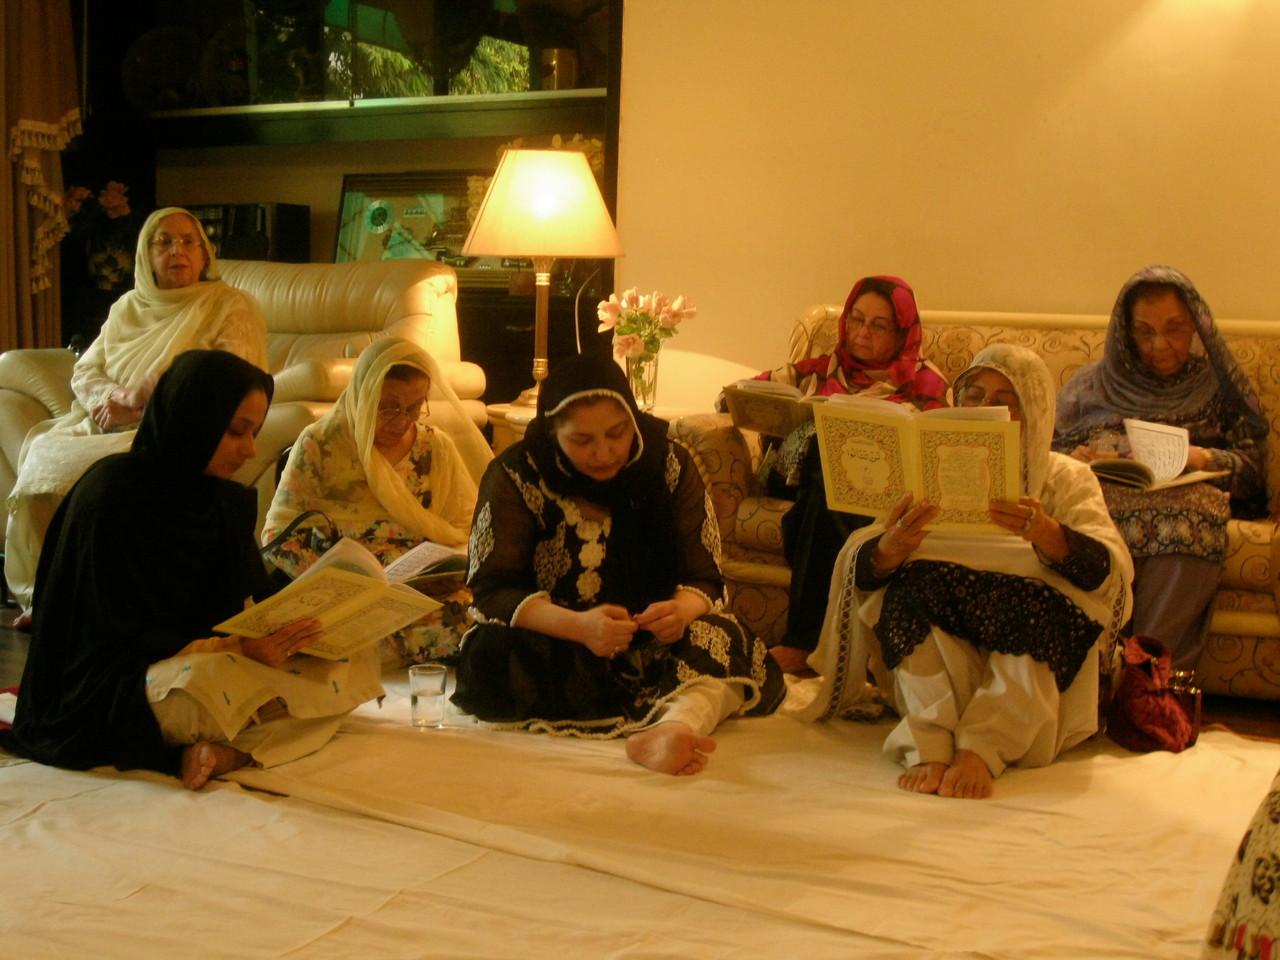 イスラム教では、死者が亡くなった日から1週間ごとに親戚、知り合いが集まって、コーランを読み、祈りを捧げる行事を開く。40日後がその最後の週だというが、実際は30日後に開かれたよう。